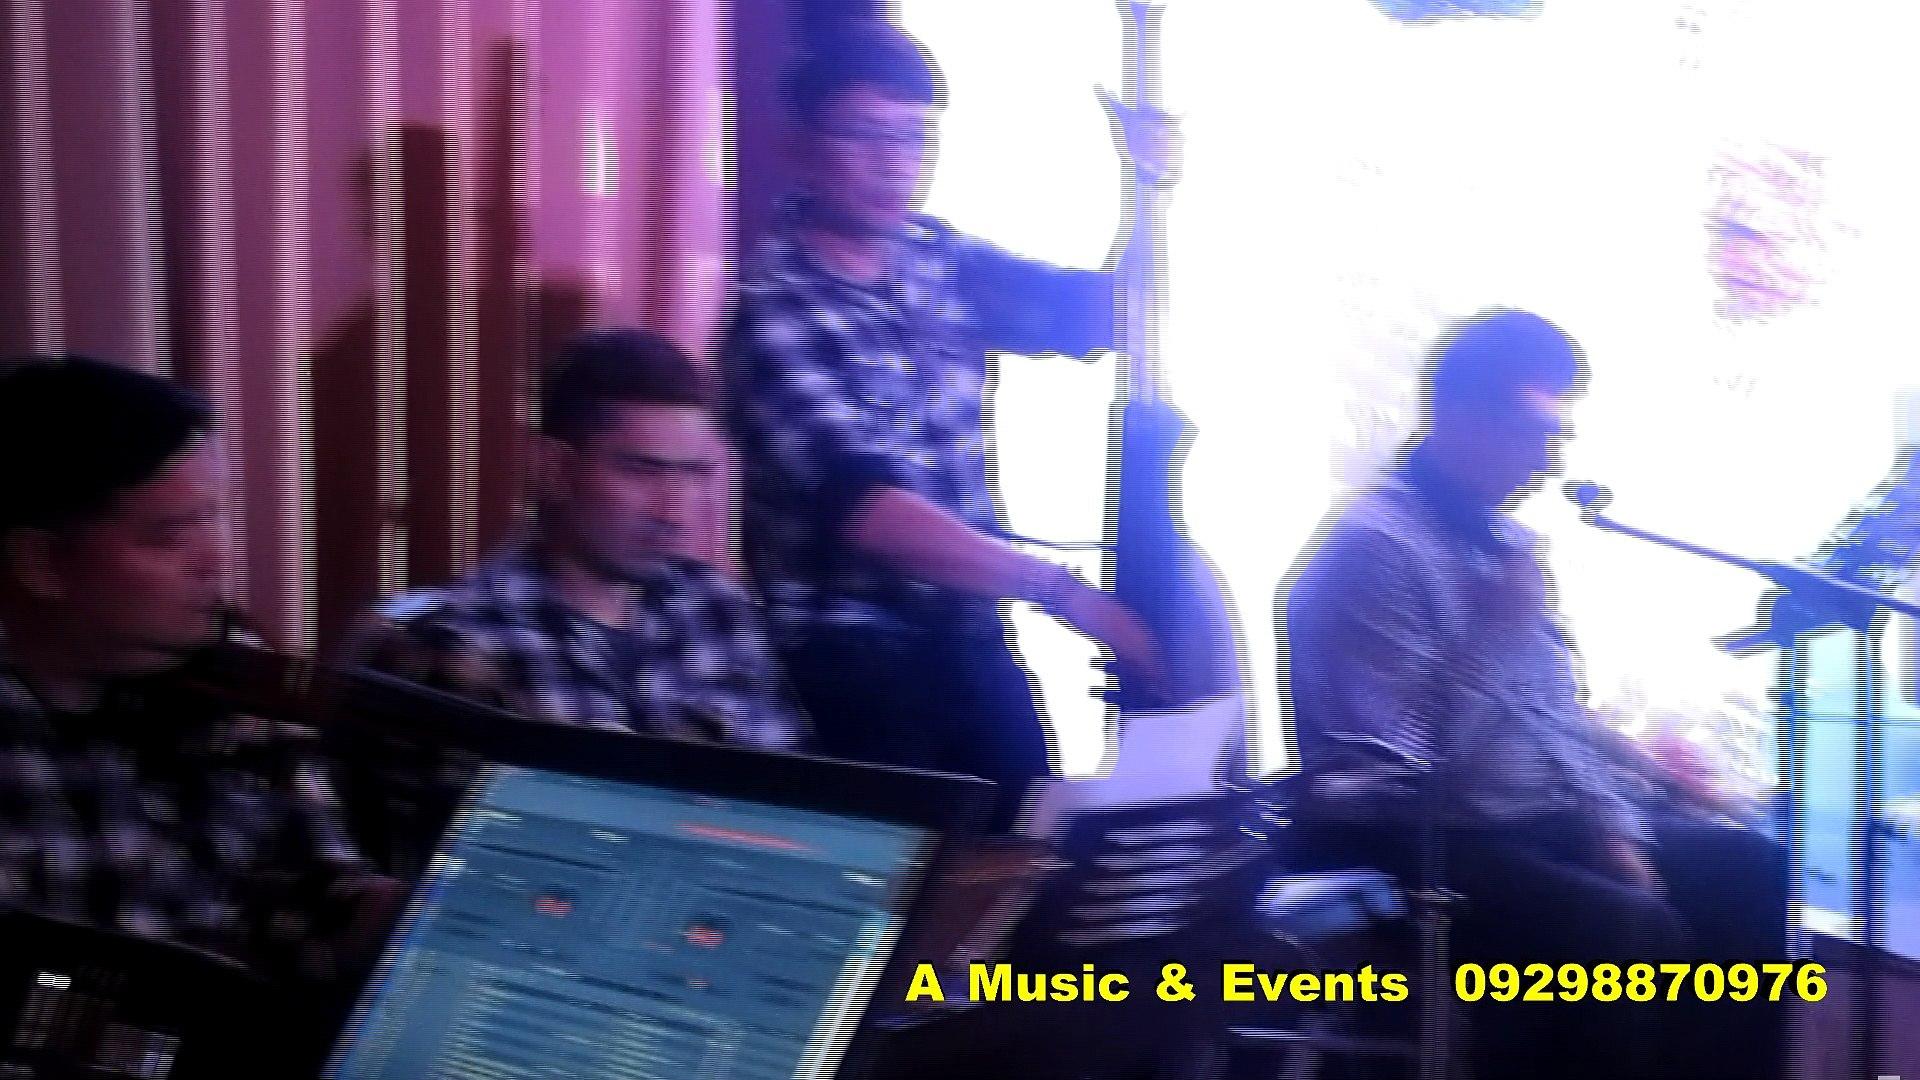 WEDDING MUSICIANS AT KIMBERLY HOTEL, TAGAYTAY